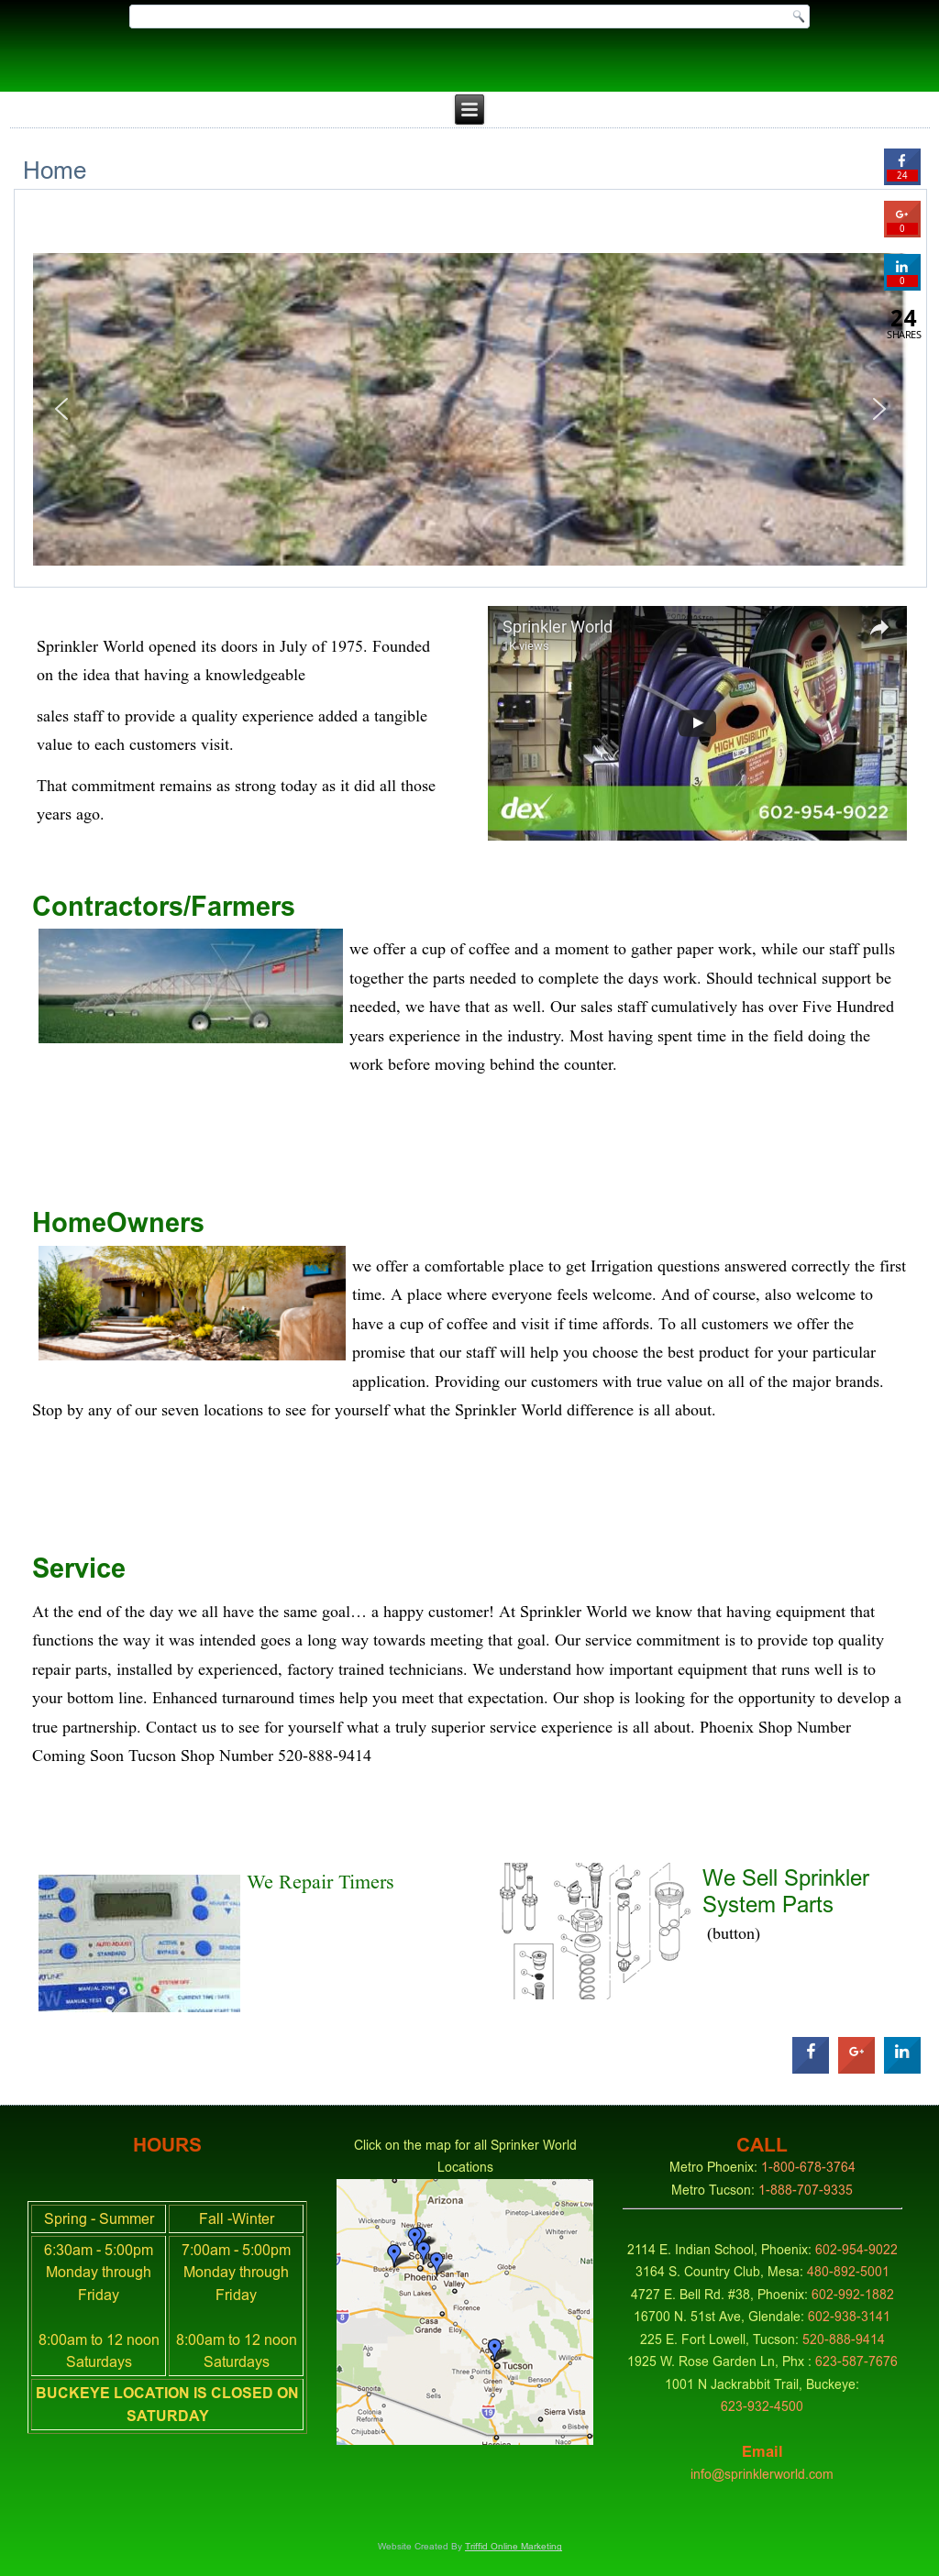 Sprinkler World Compeors Revenue